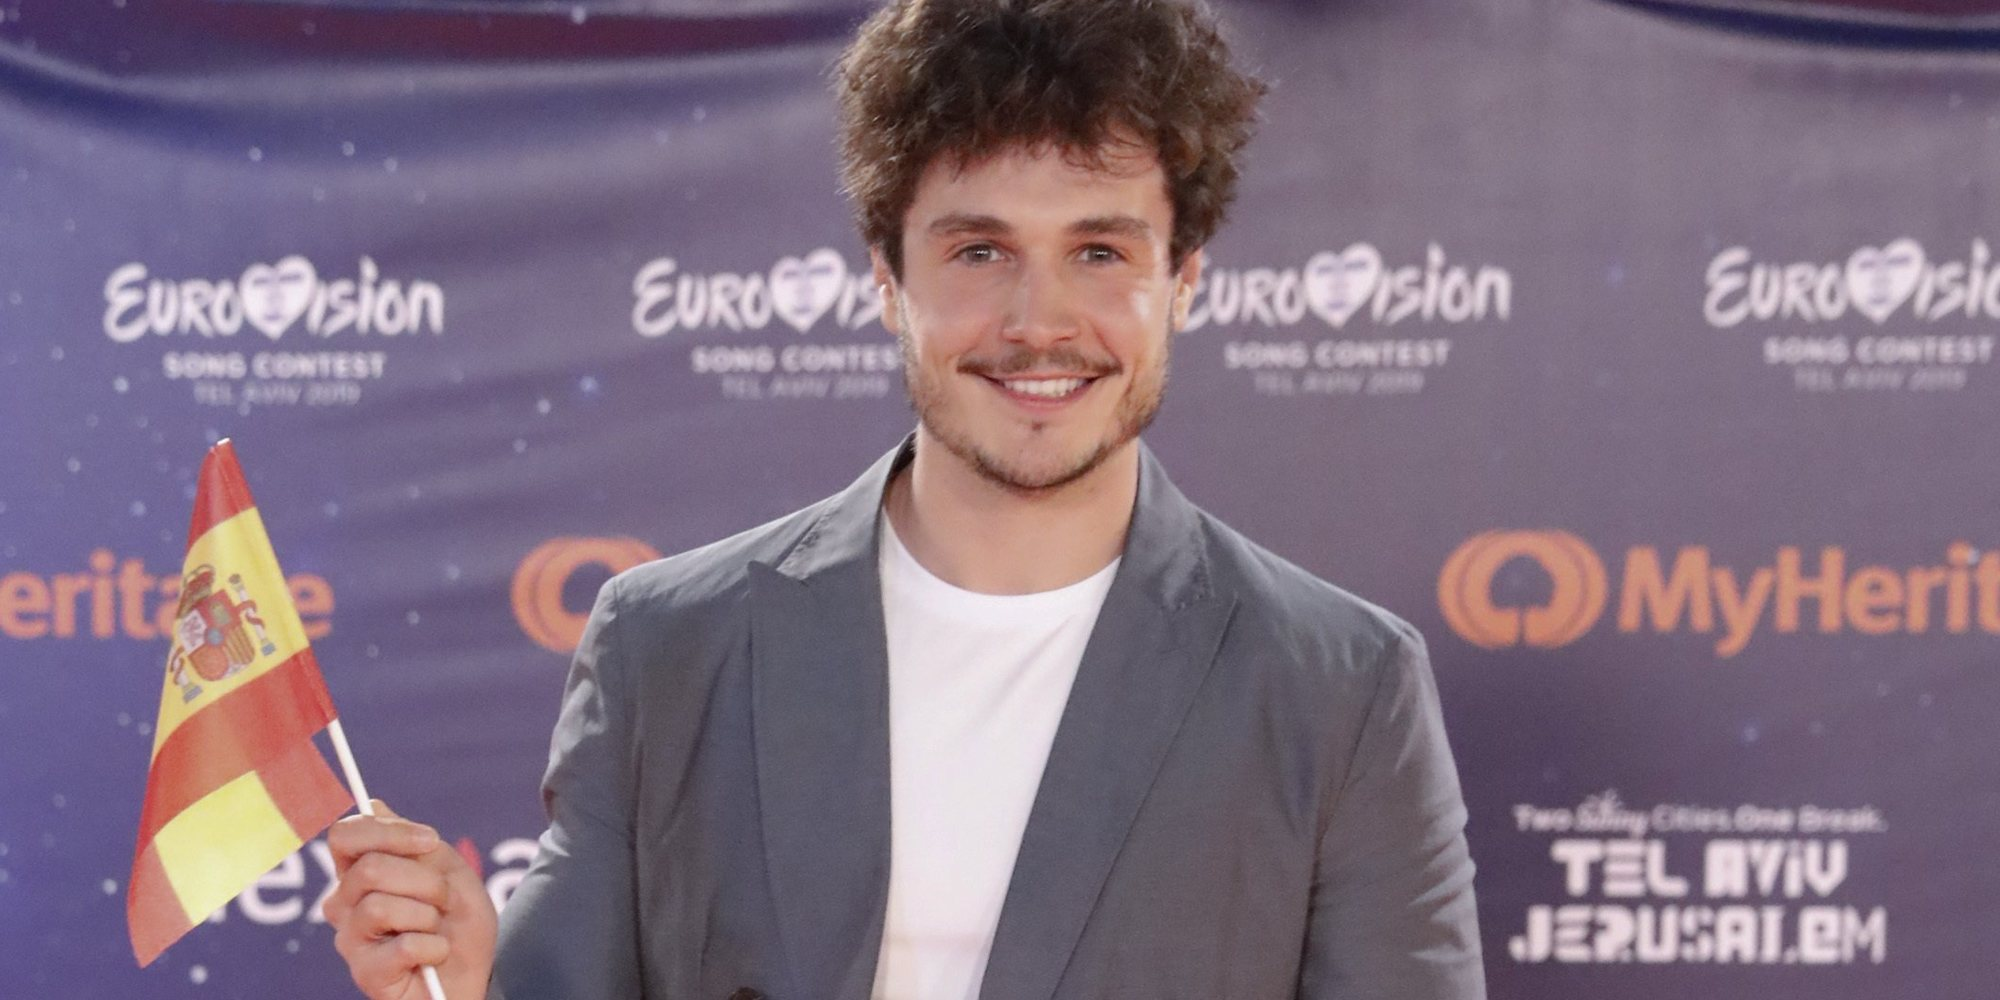 Miki Núñez actuará en última posición en la final de Eurovisión 2019